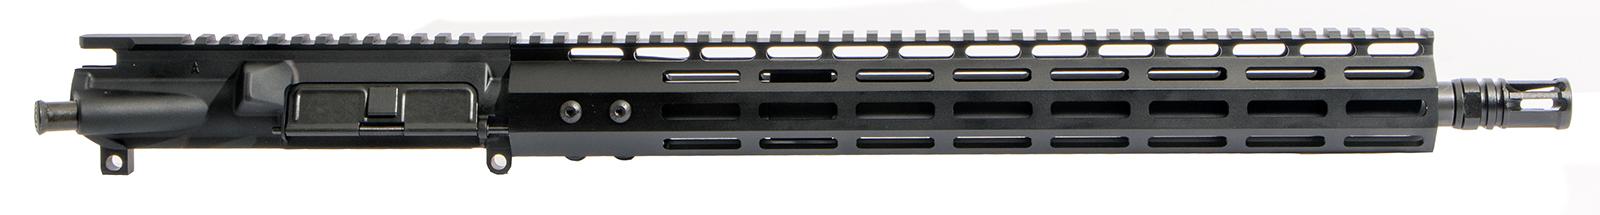 ar-15-upper-assembly-16-300-aac-1-8-15-cbc-m-lok-ar-15-handguard-rai